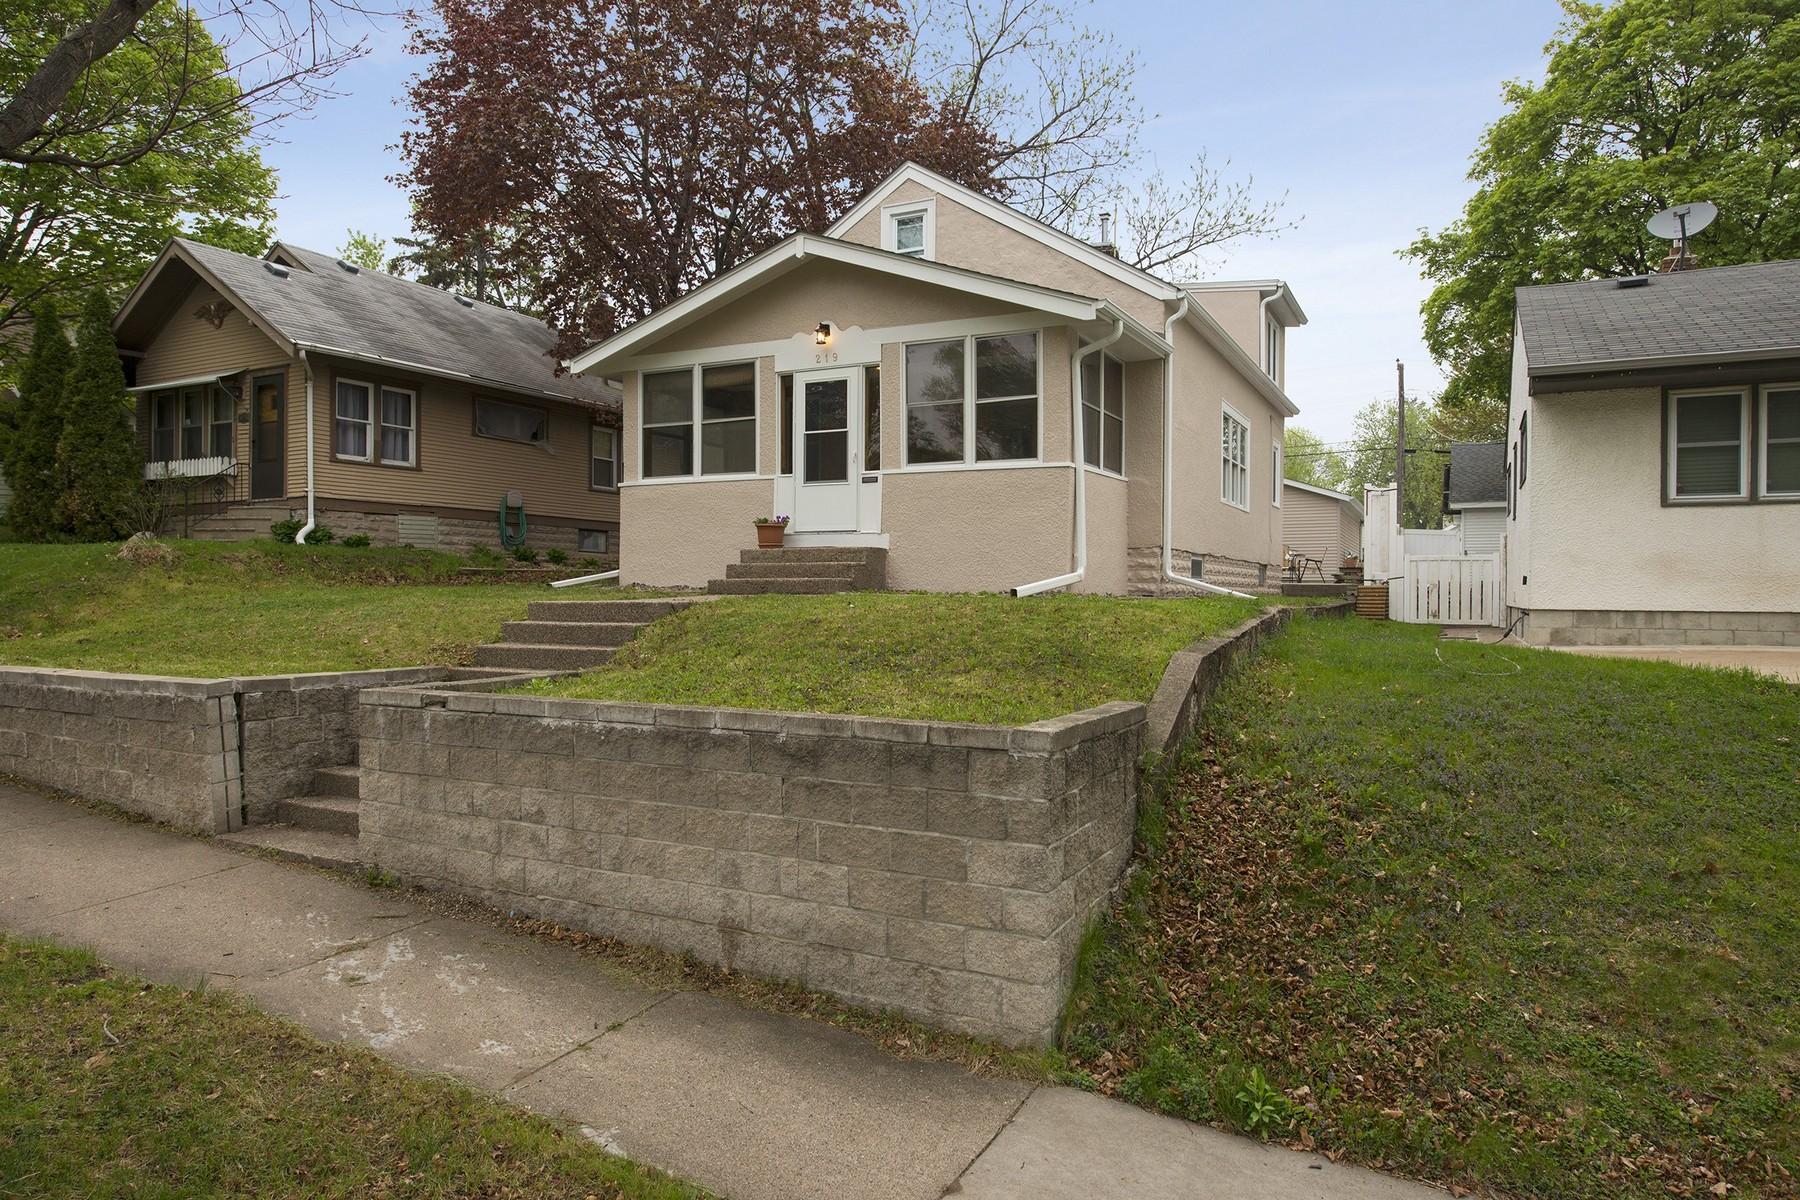 Villa per Vendita alle ore 219 Winona Street W West St. Paul, Minnesota 55118 Stati Uniti